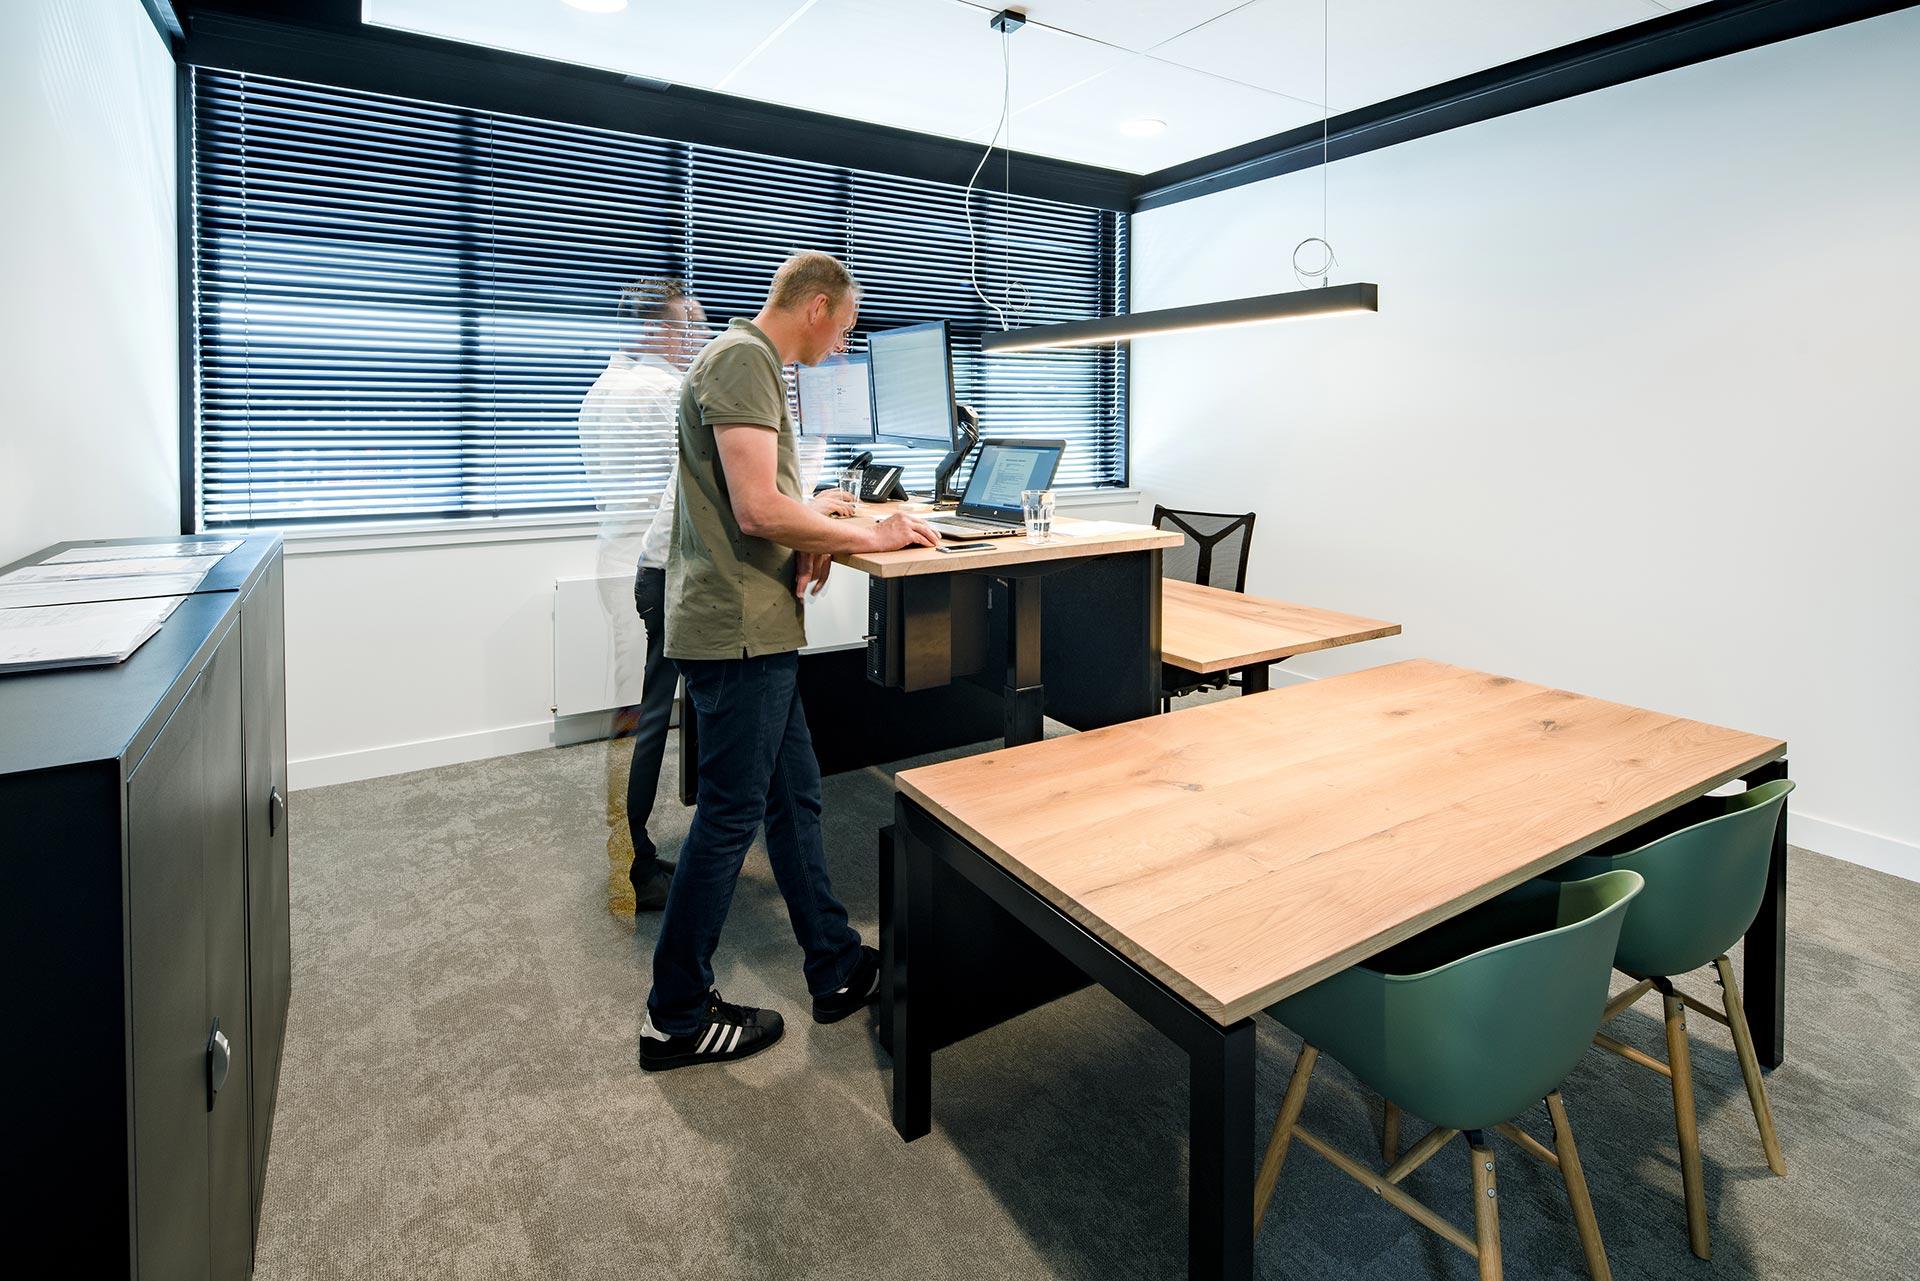 Bij Elk kan er nu ook staand gewerkt worden aan een van de elektrisch verstelbare zit-sta-werkplekken